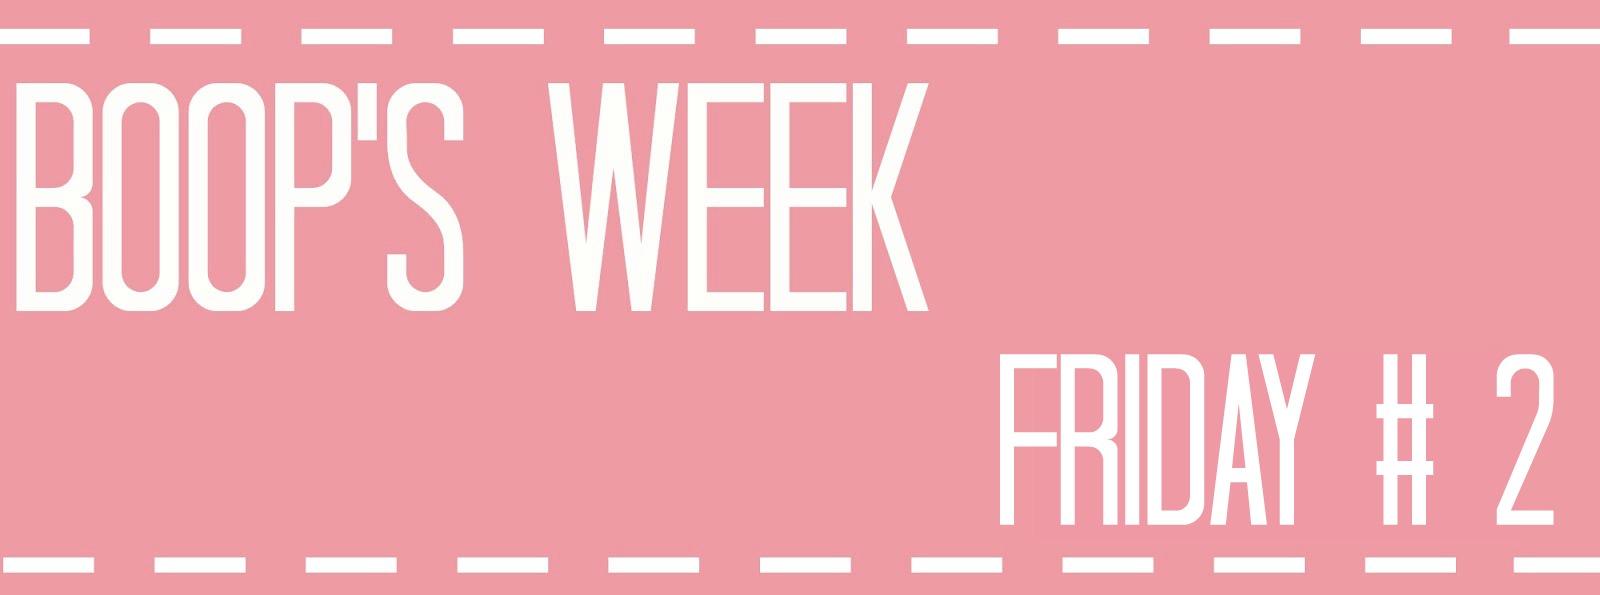 Boop's week 2